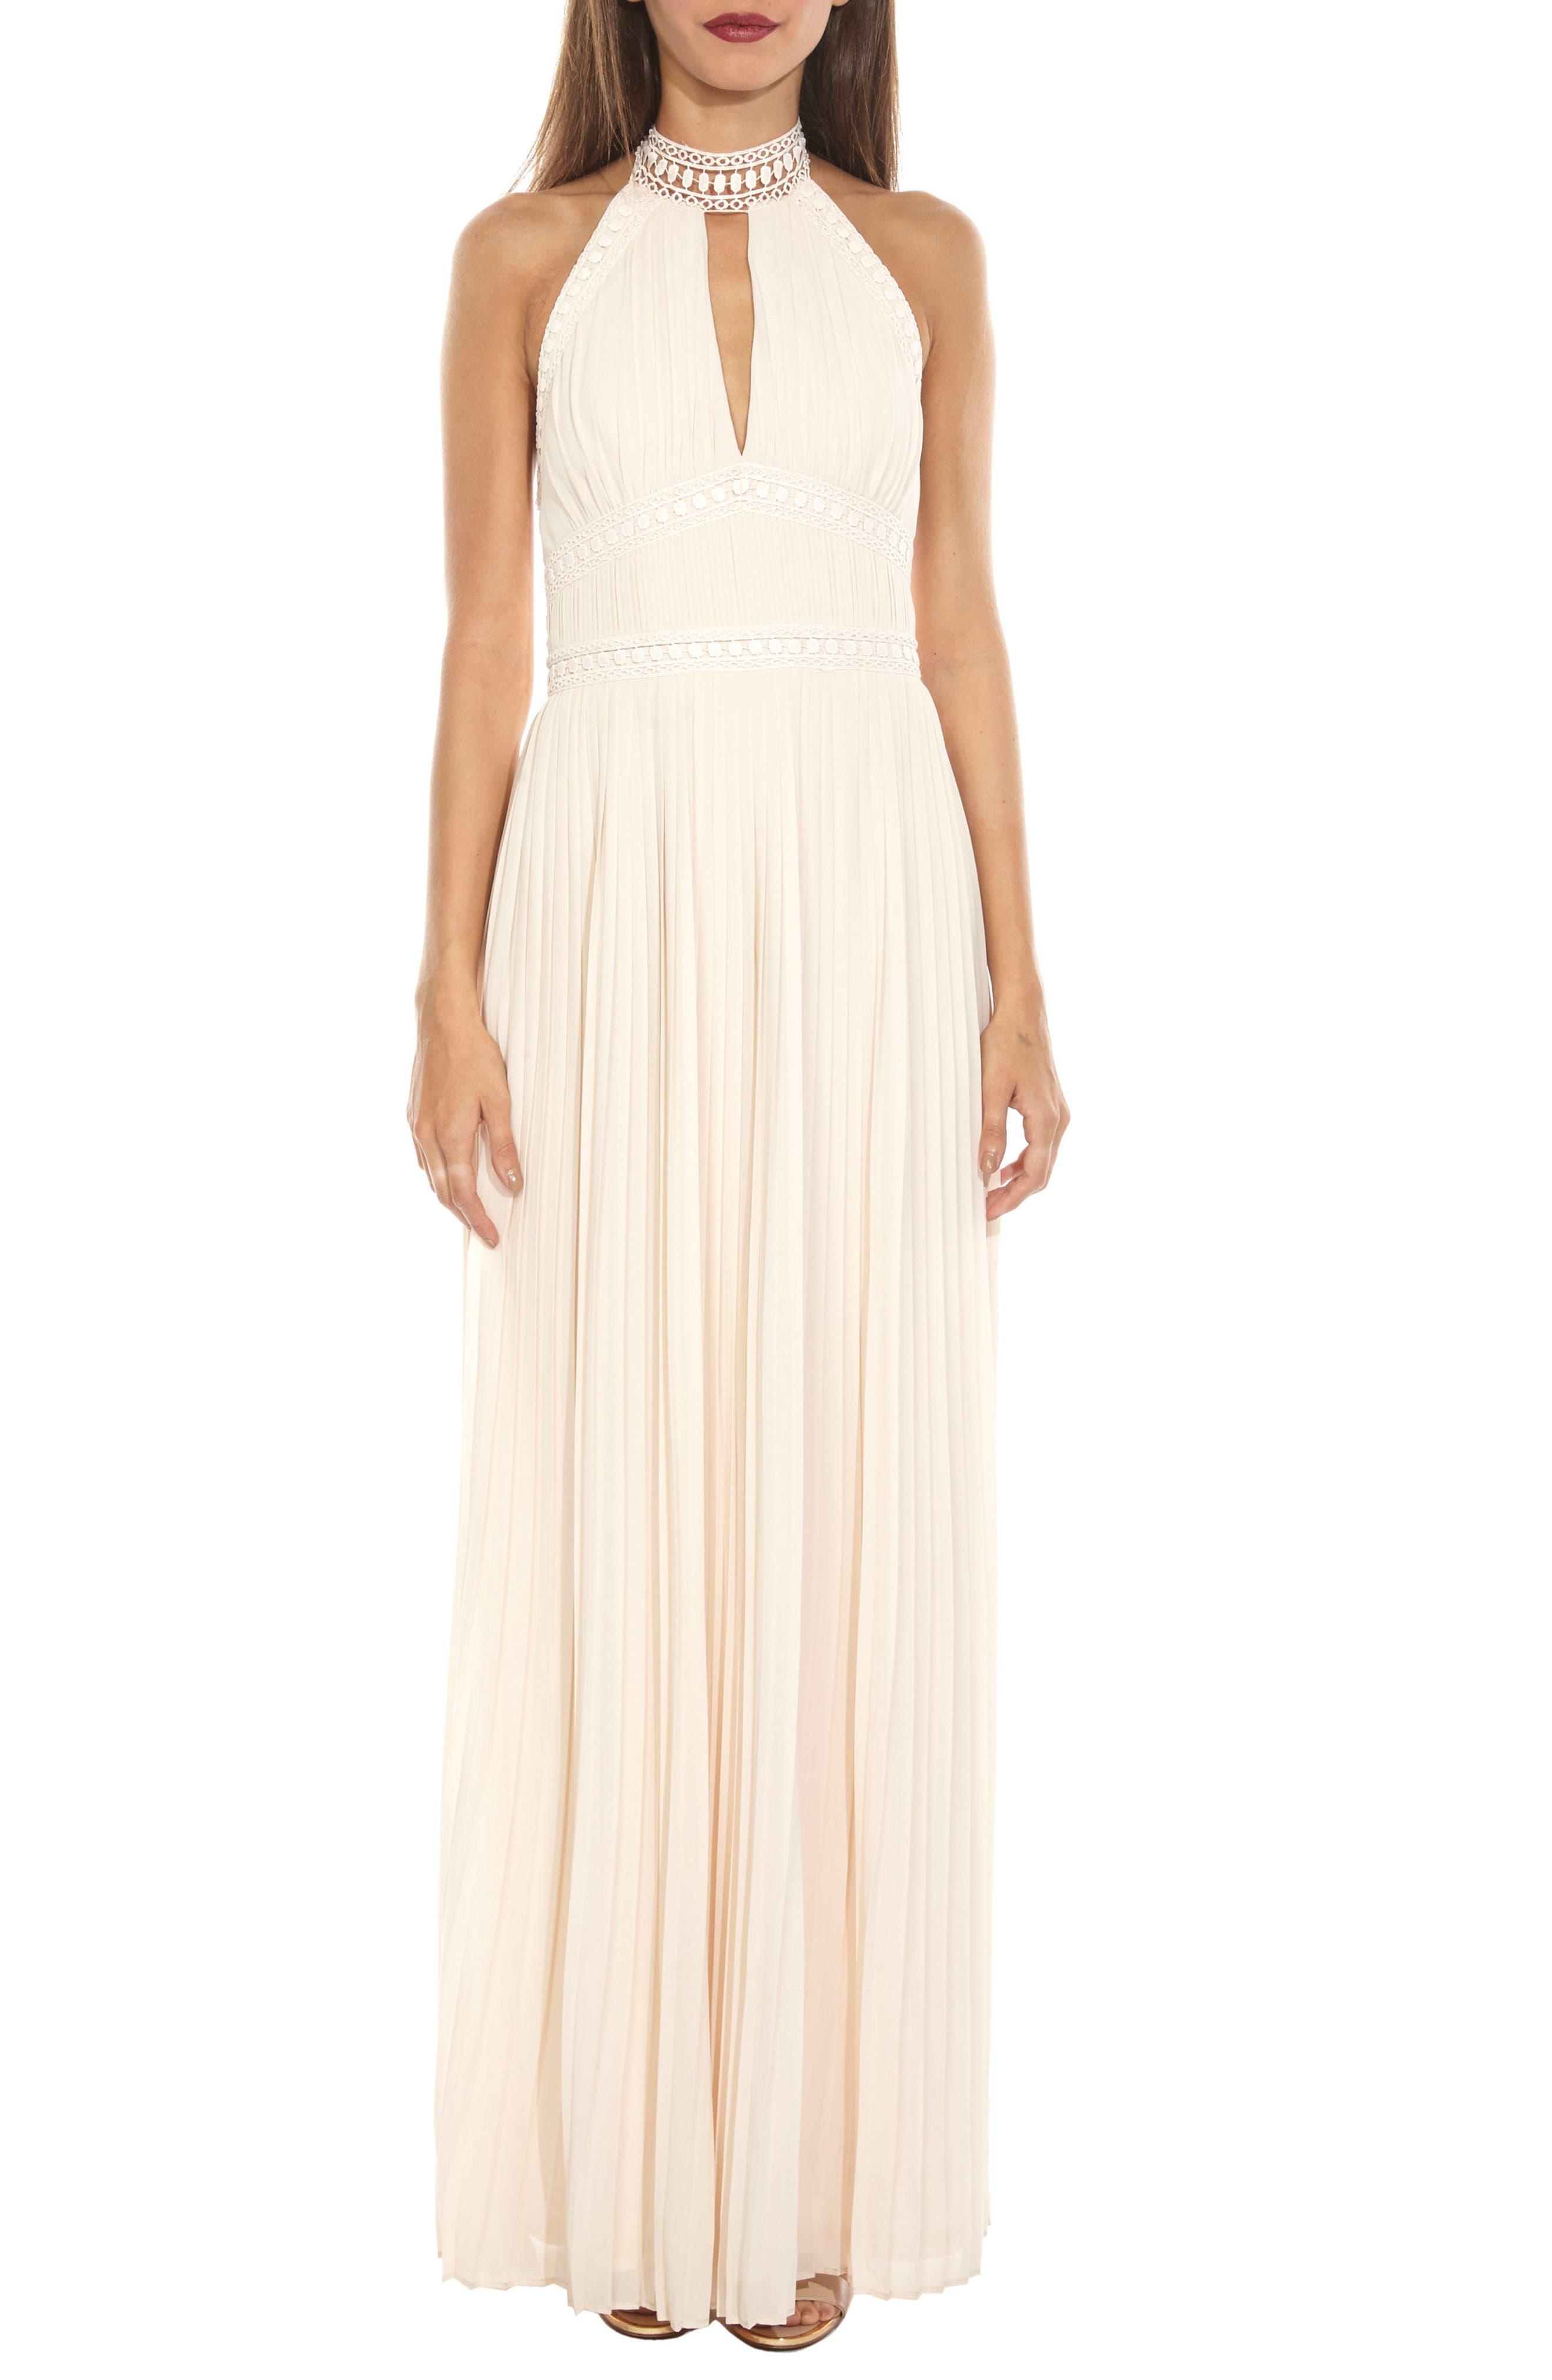 Corinne Lace Trim Halter Maxi Dress,                             Main thumbnail 1, color,                             280